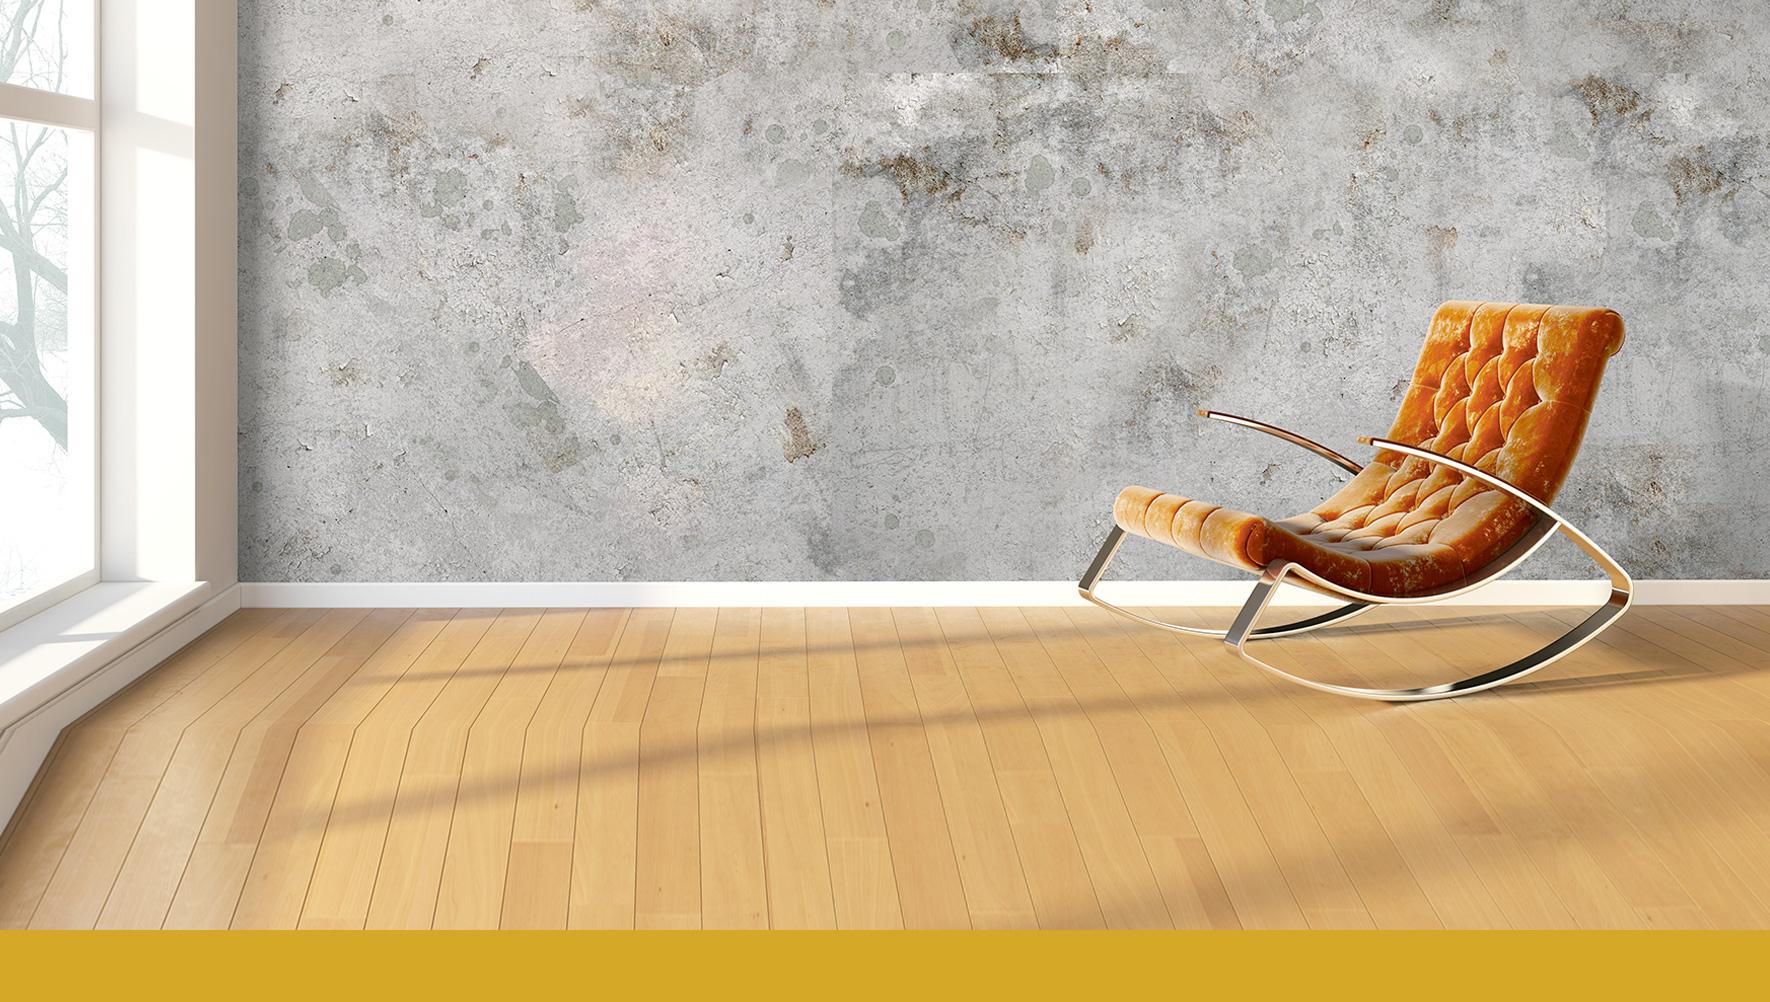 La Déco&24.jpg039;tech Peinture Décoration Ravalement Slide1 24